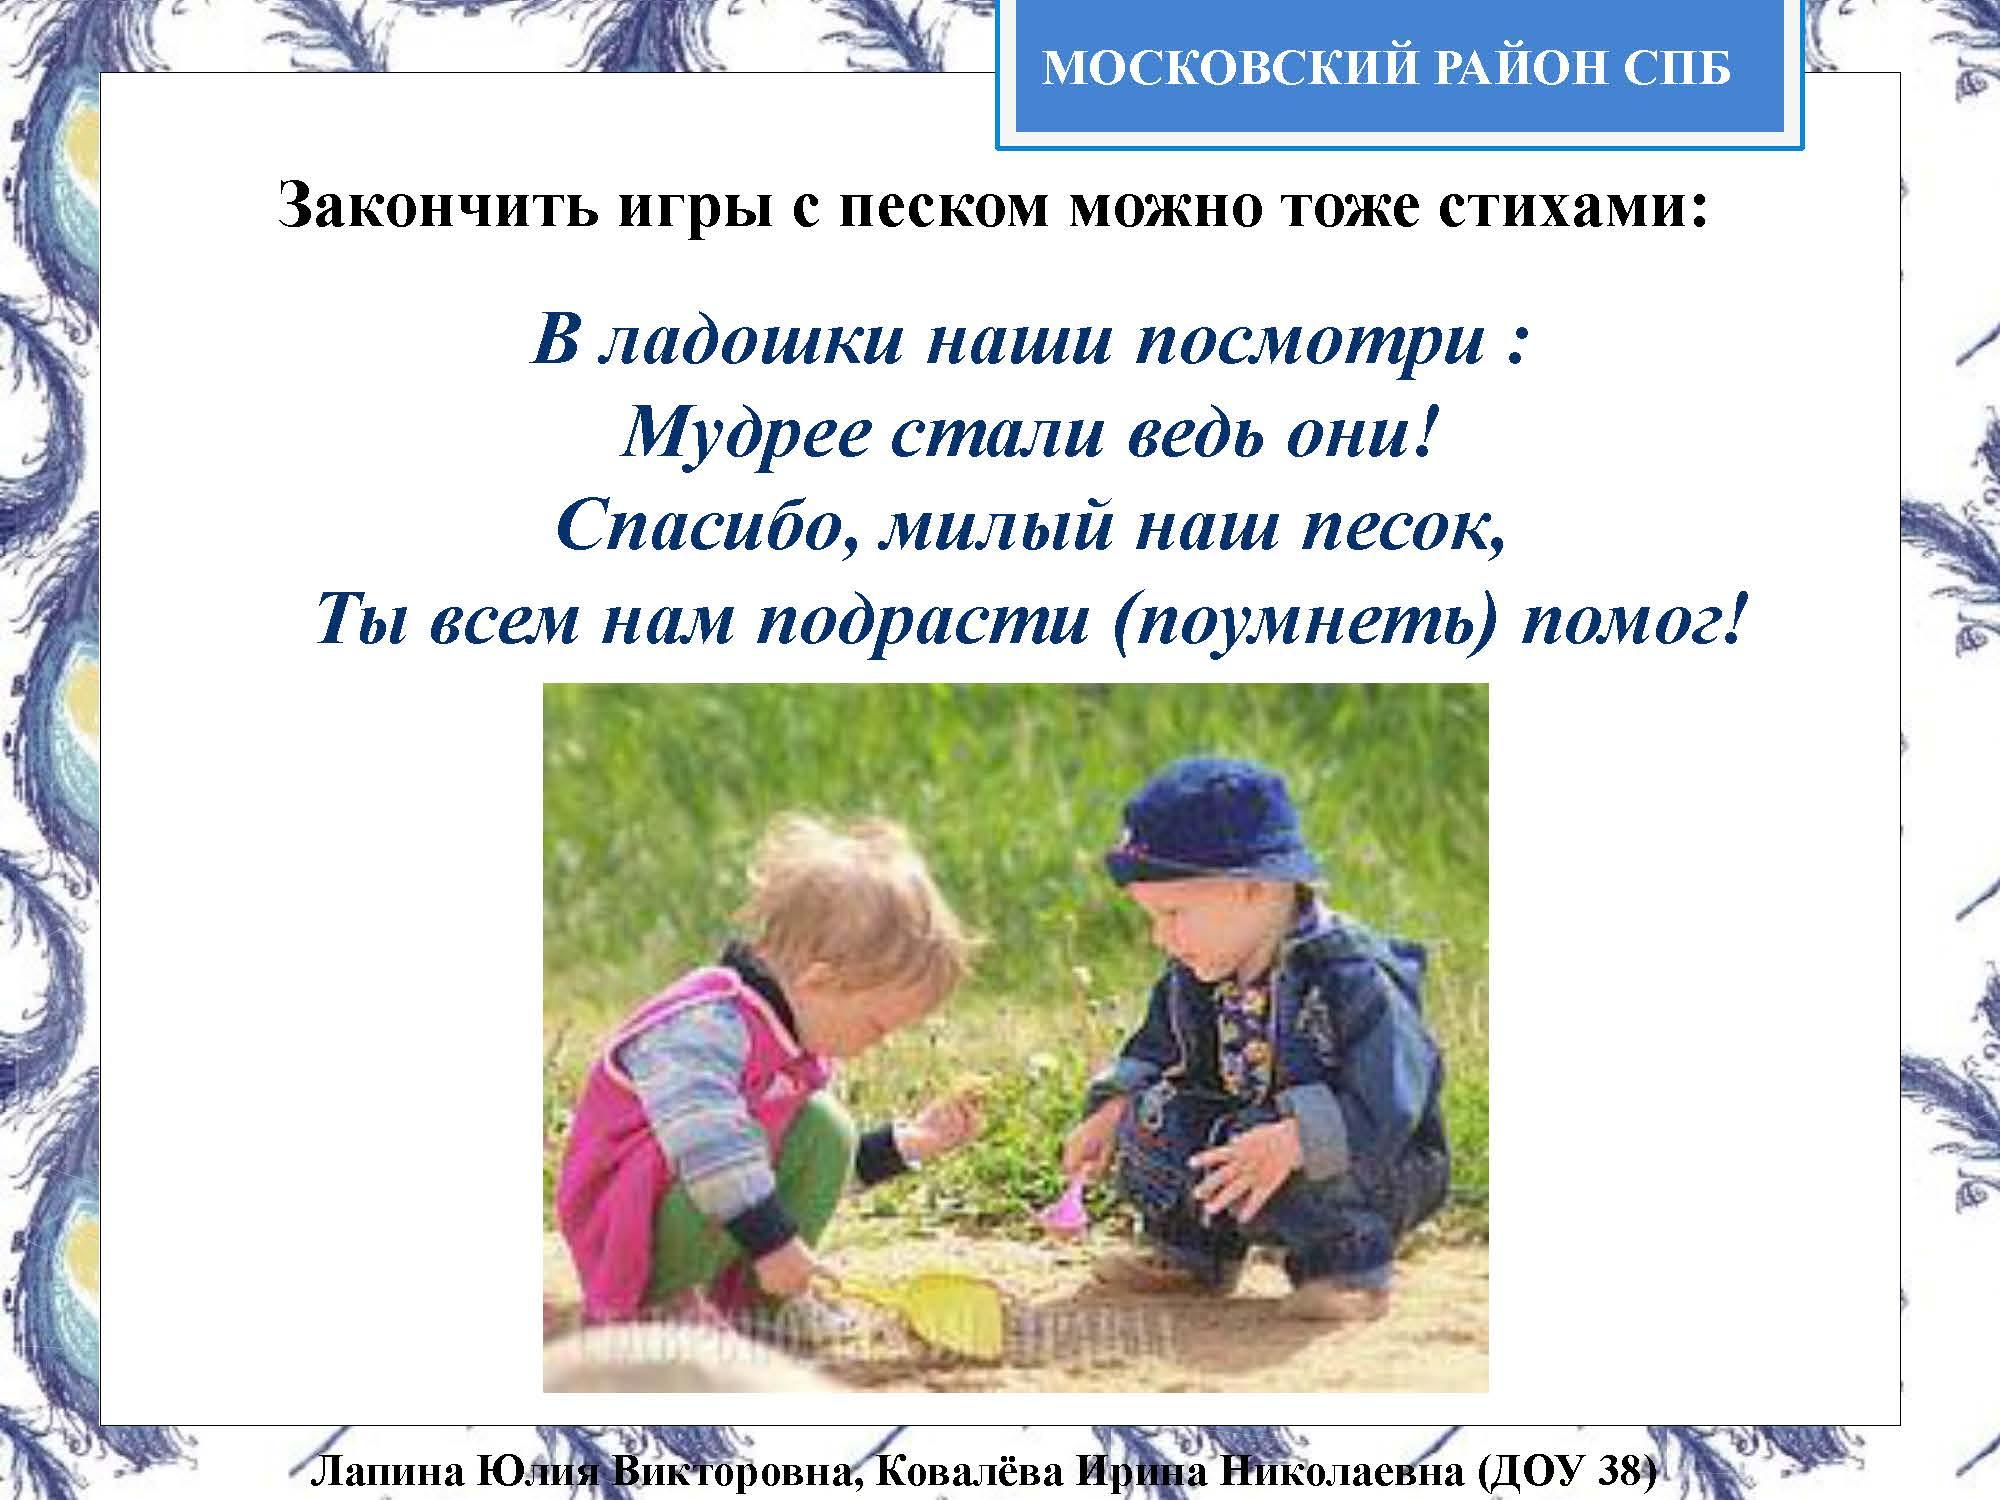 Секция 8. ДОУ 38, Московский район_Страница_30